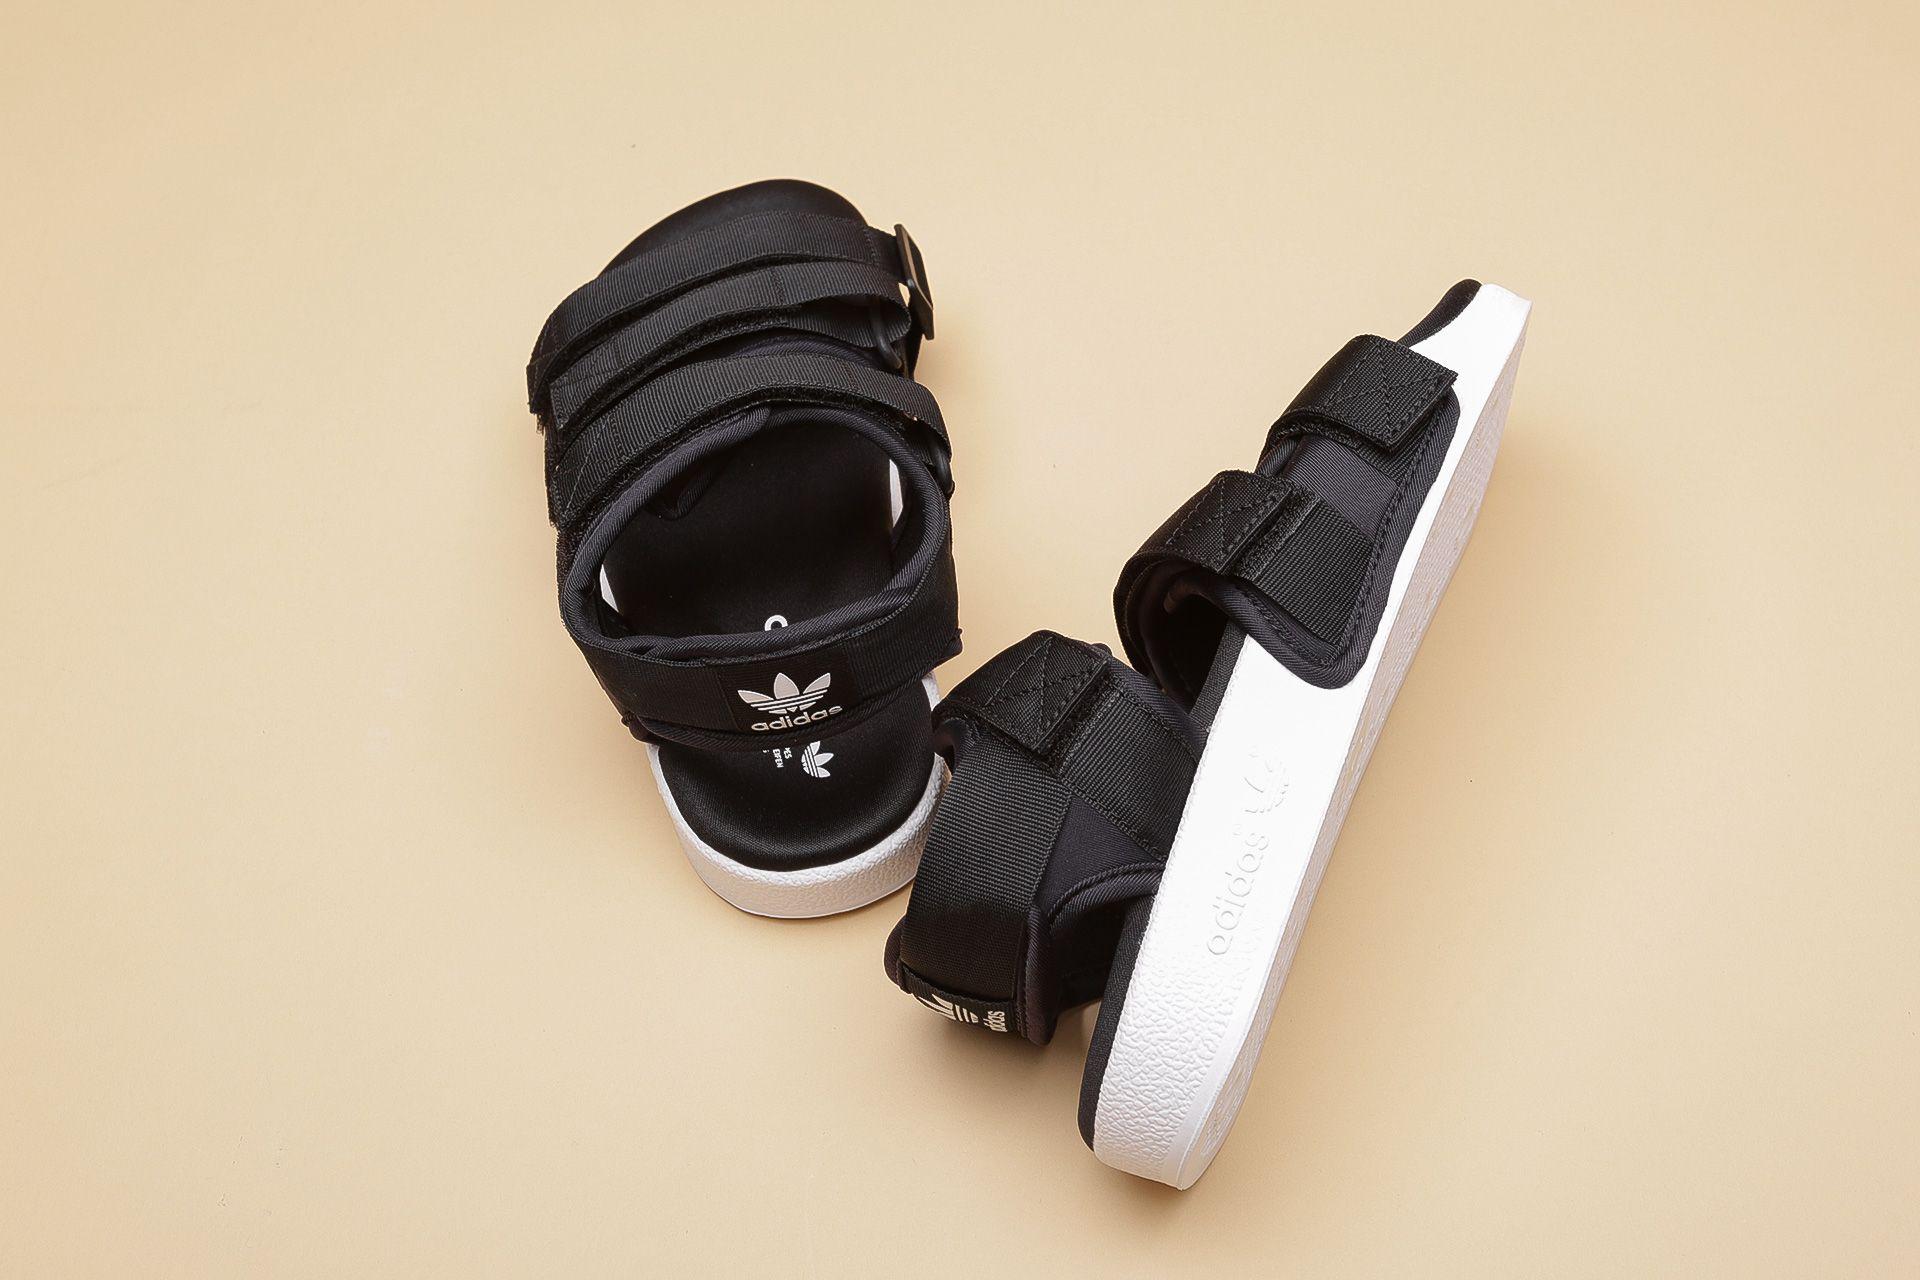 0da909318 ... Купить женские черные сандали adidas Originals Adilette Sandal W - фото  5 картинки